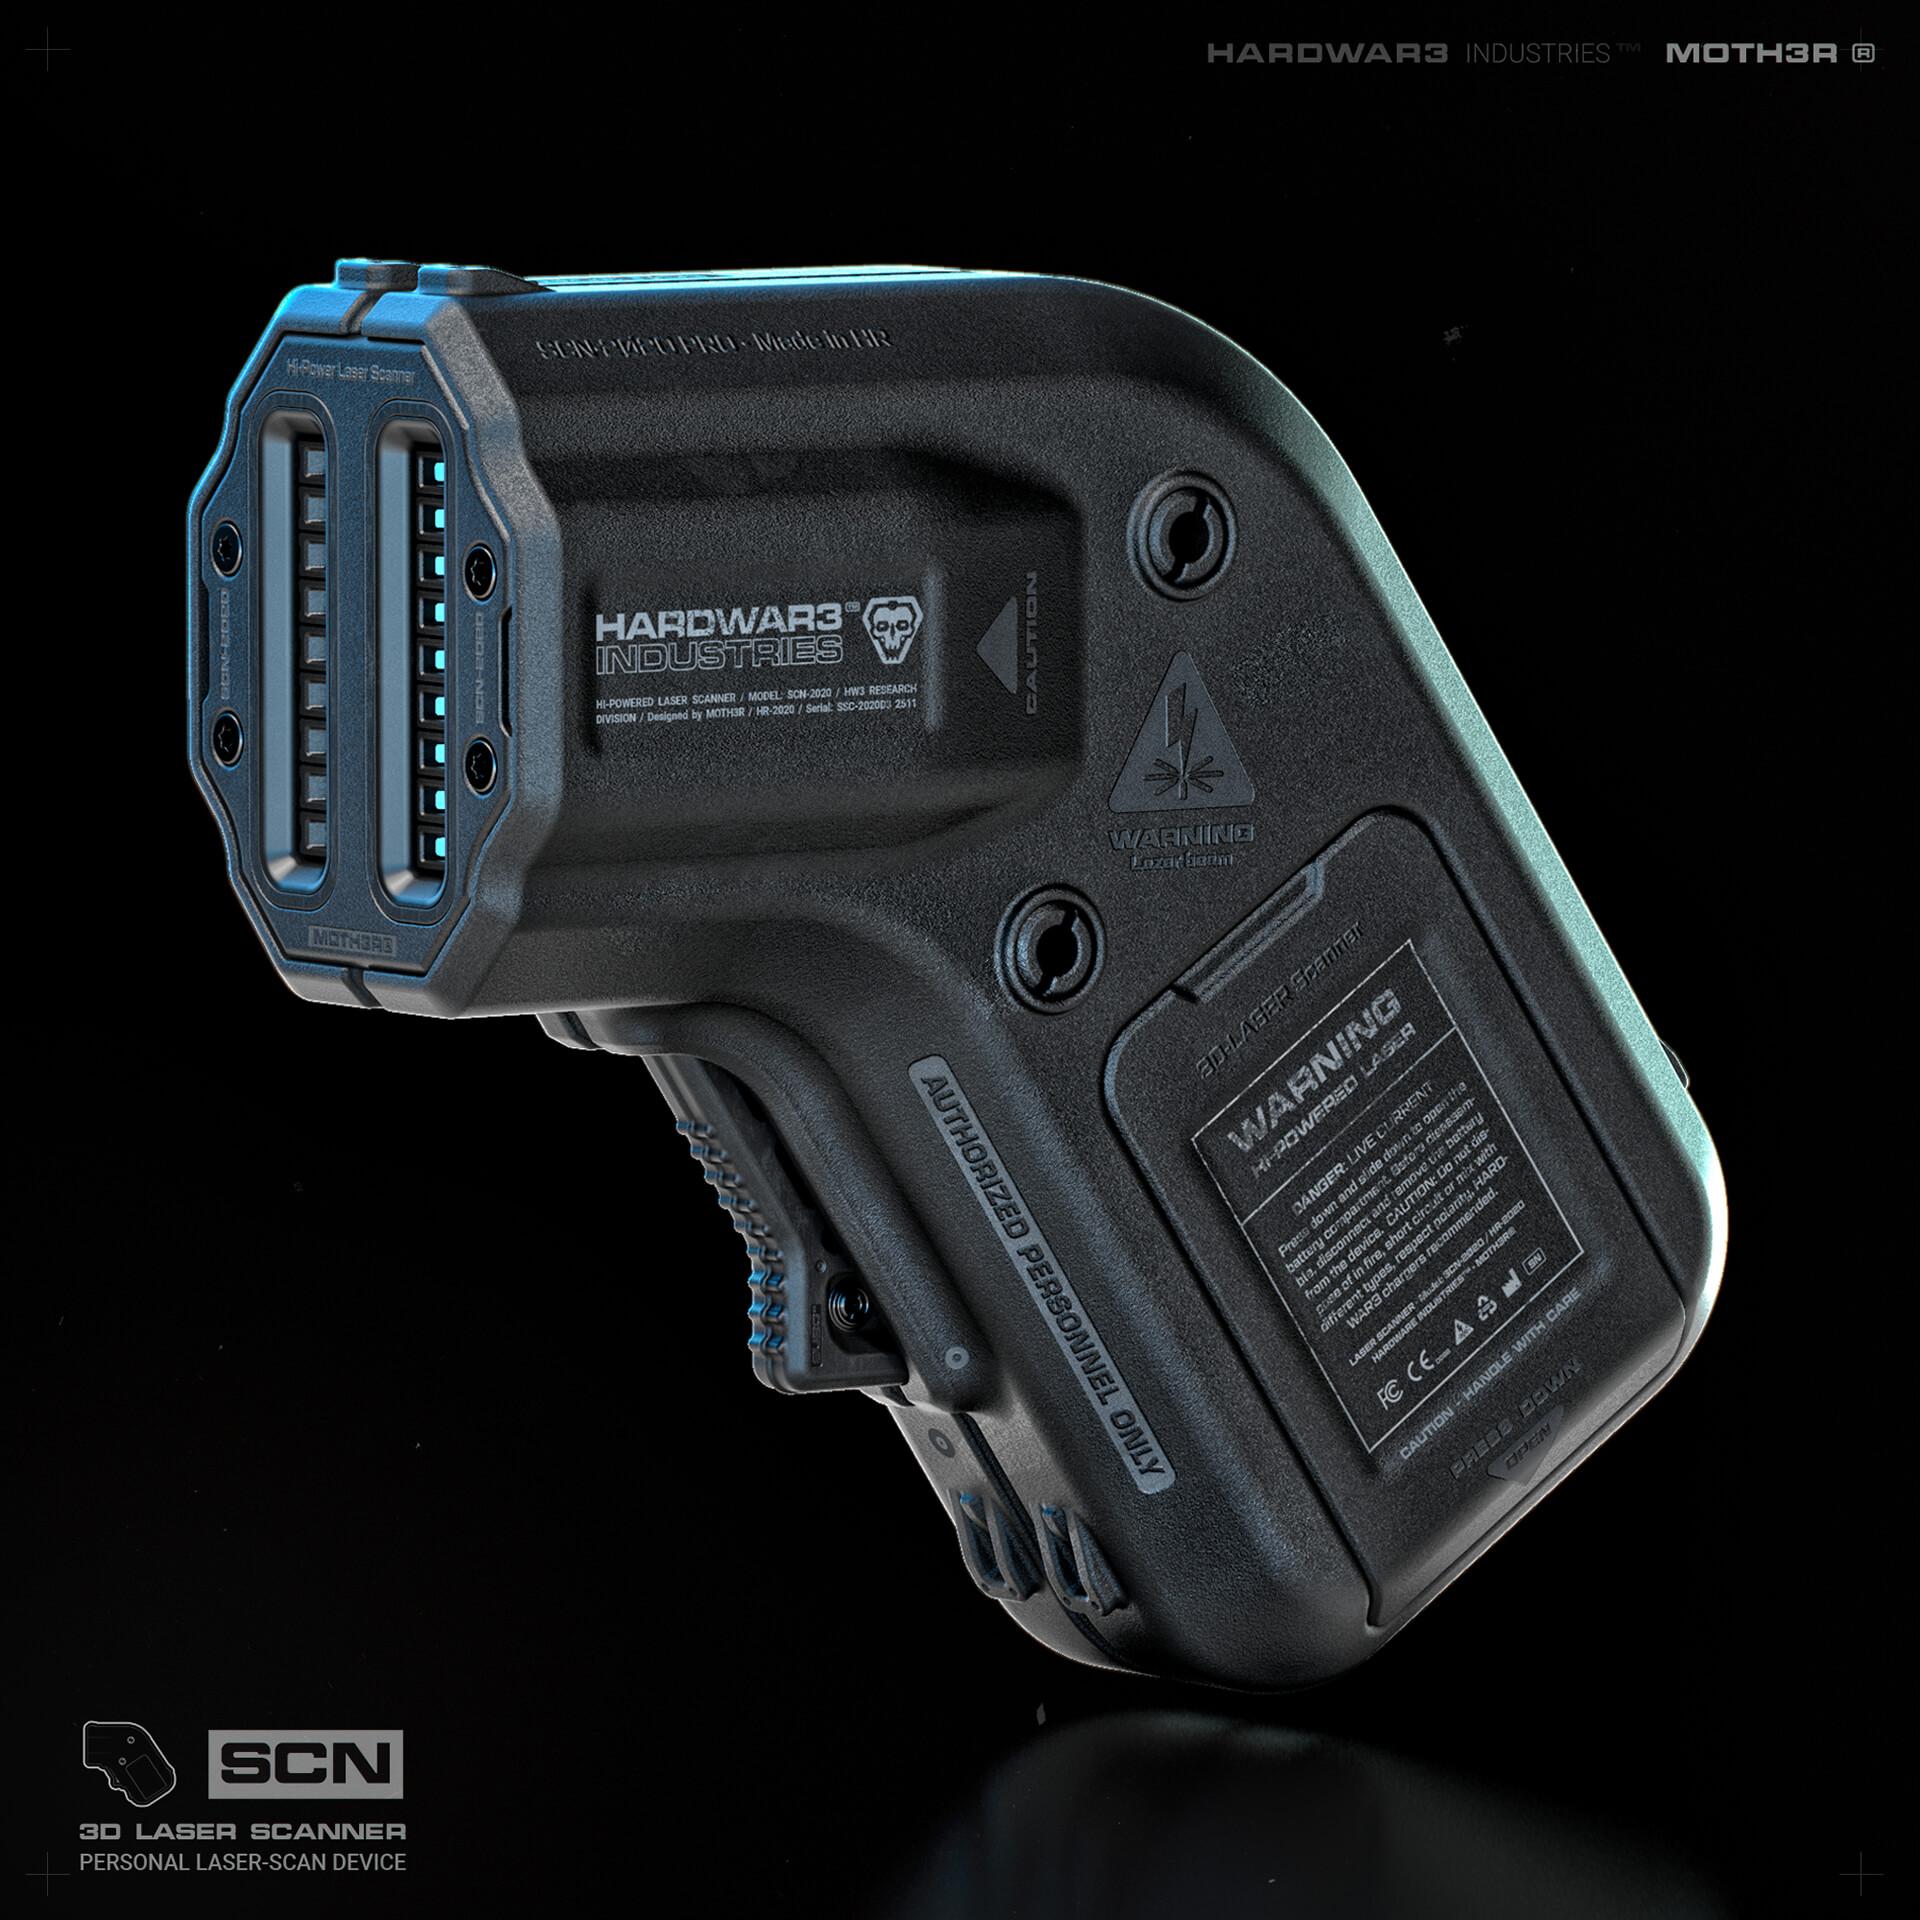 Scanner-001.78